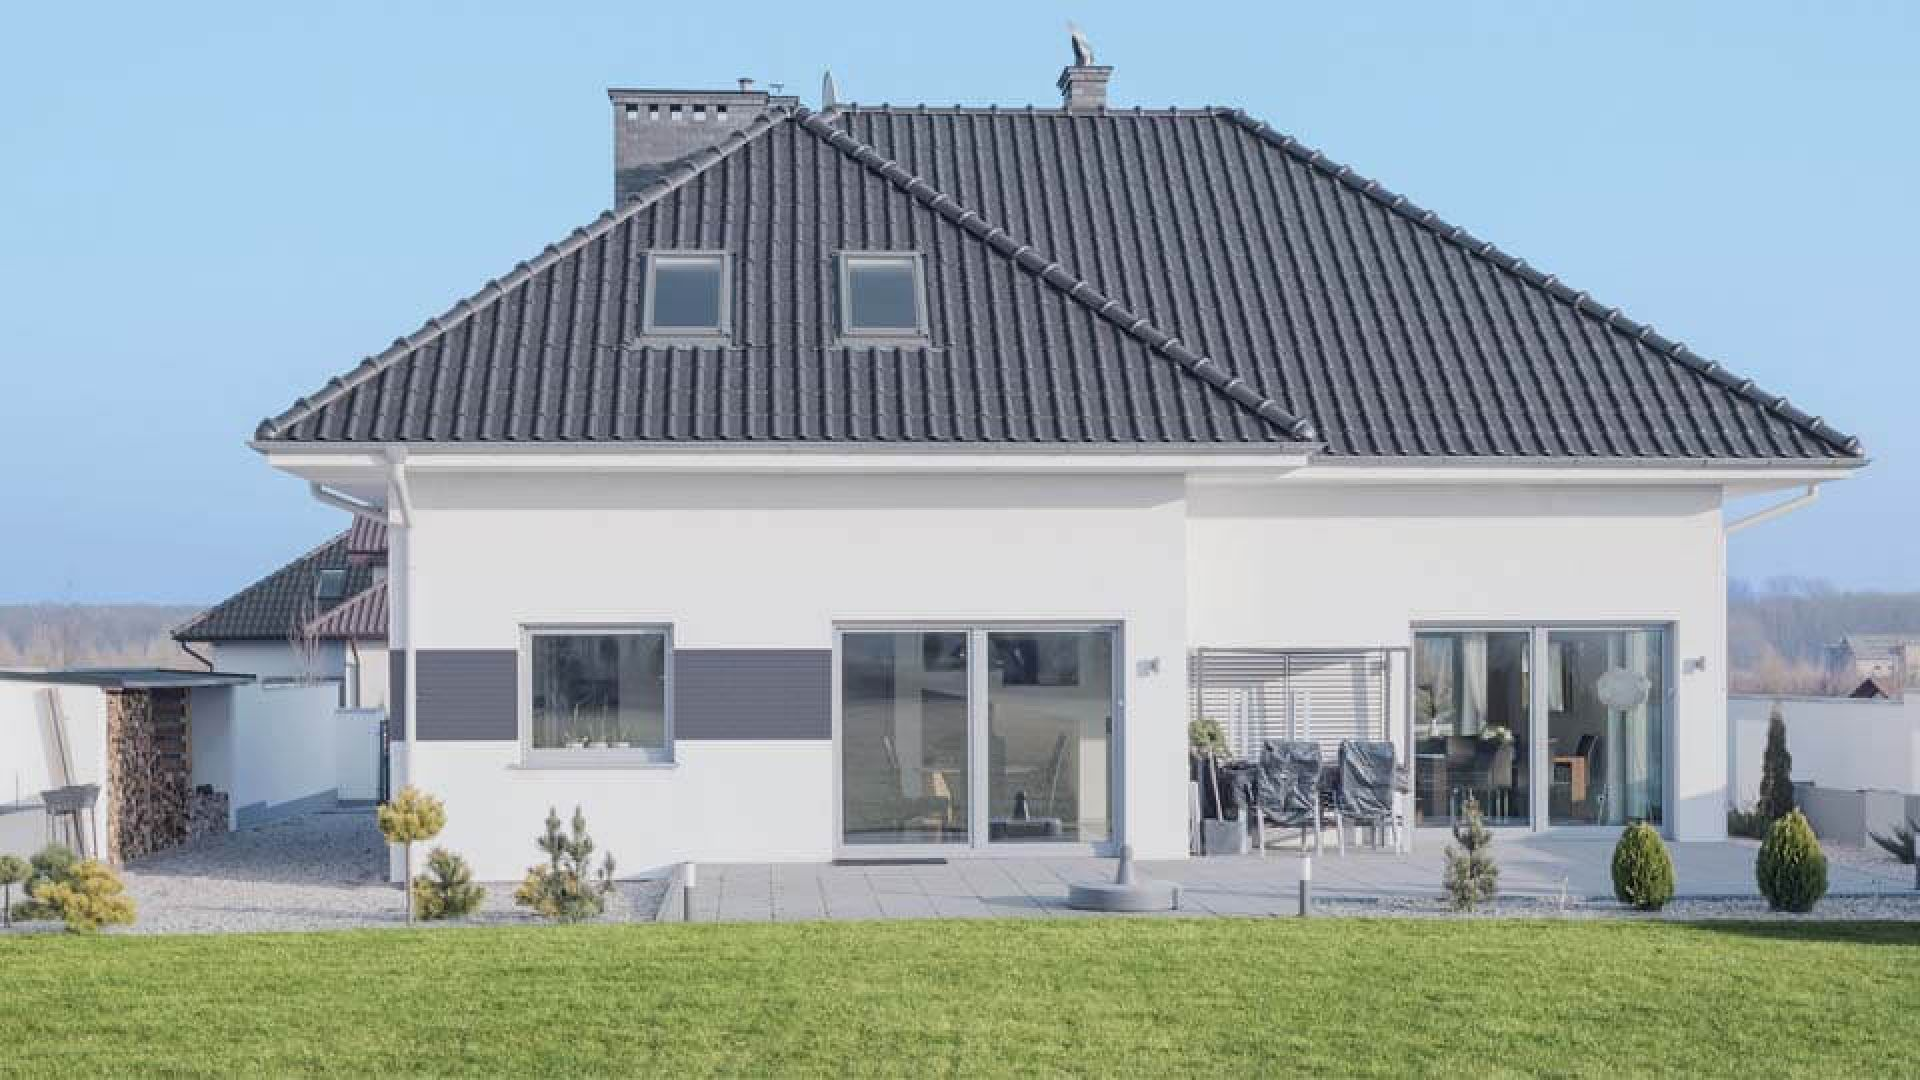 prix sac enduit facade weber et broutin amazing descriptif with prix sac enduit facade weber et. Black Bedroom Furniture Sets. Home Design Ideas